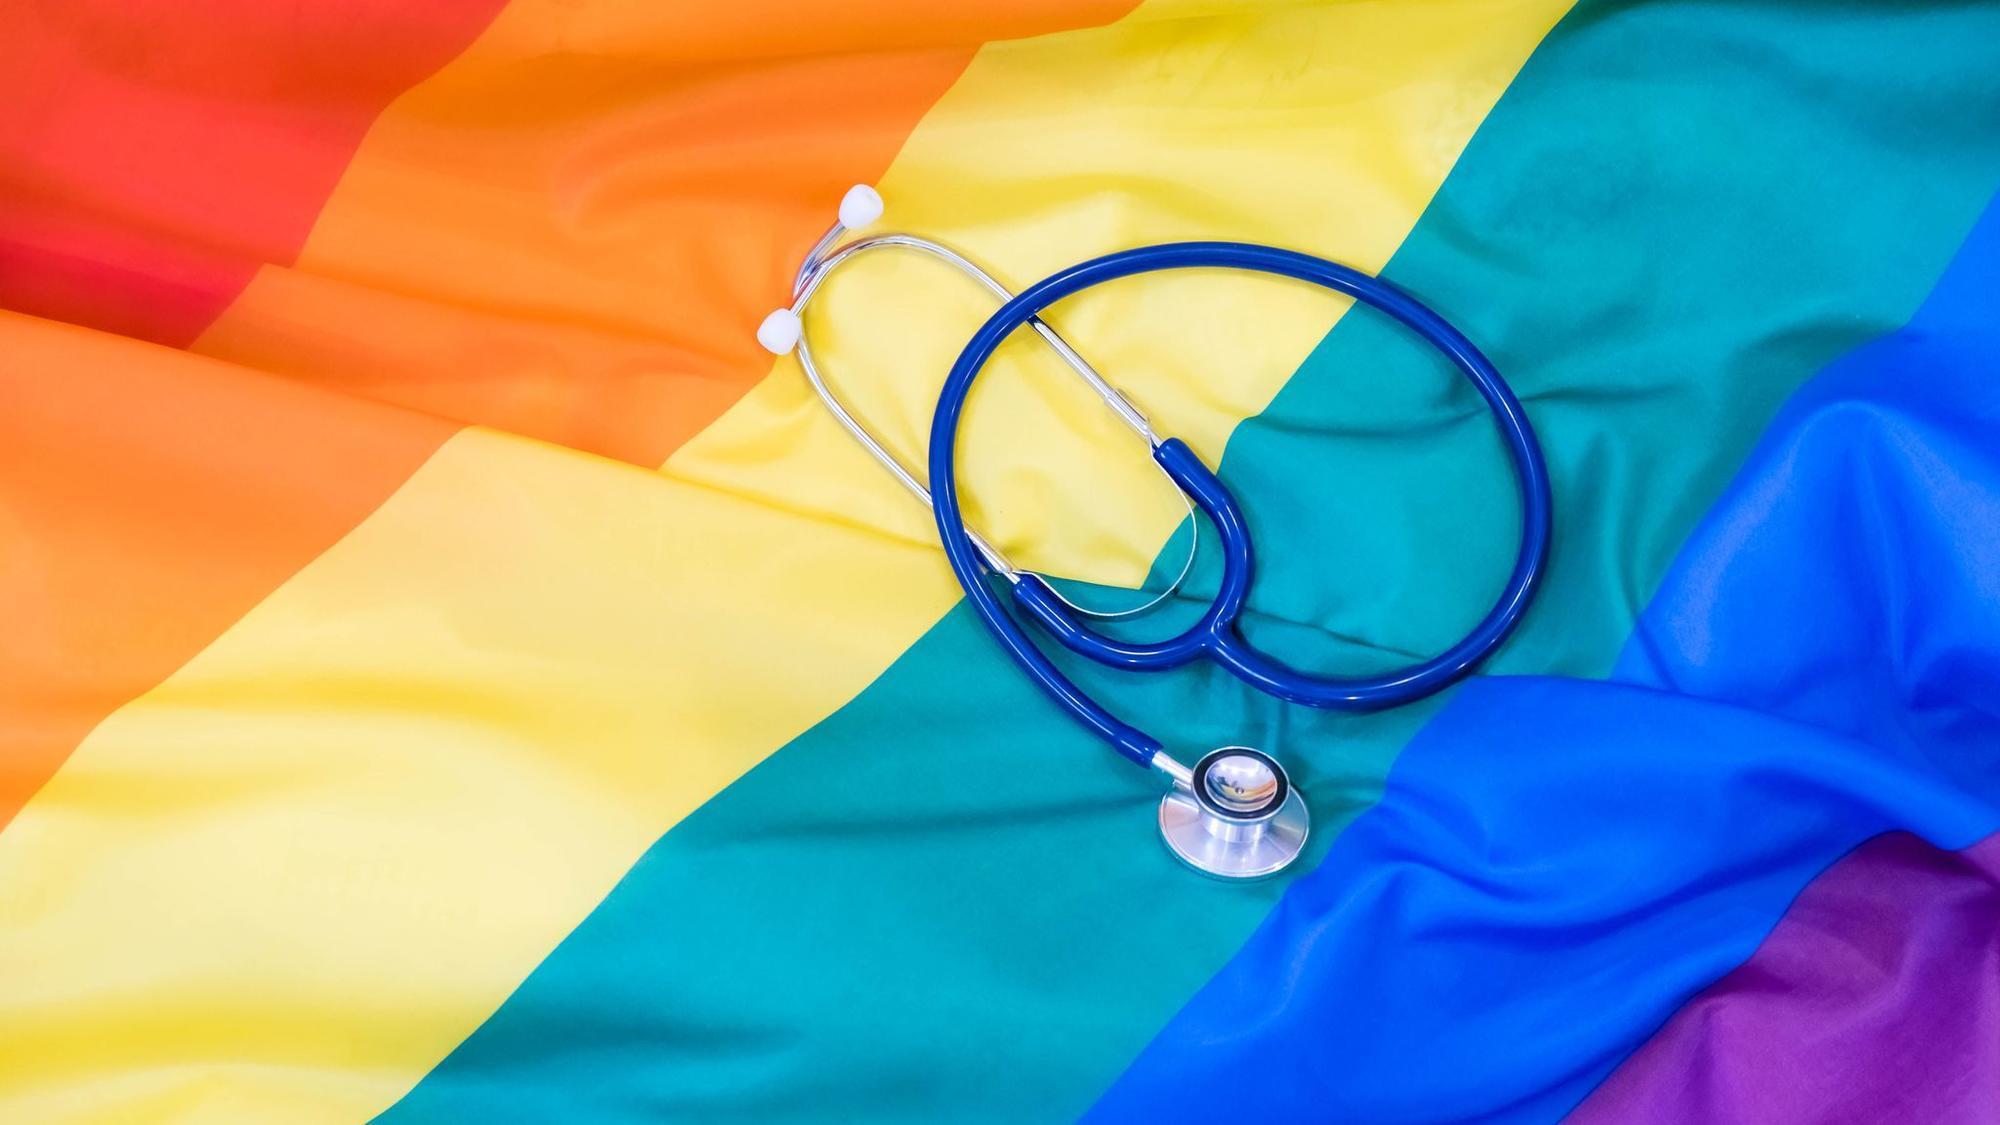 sc-fam-lgbtq-health-care-0220